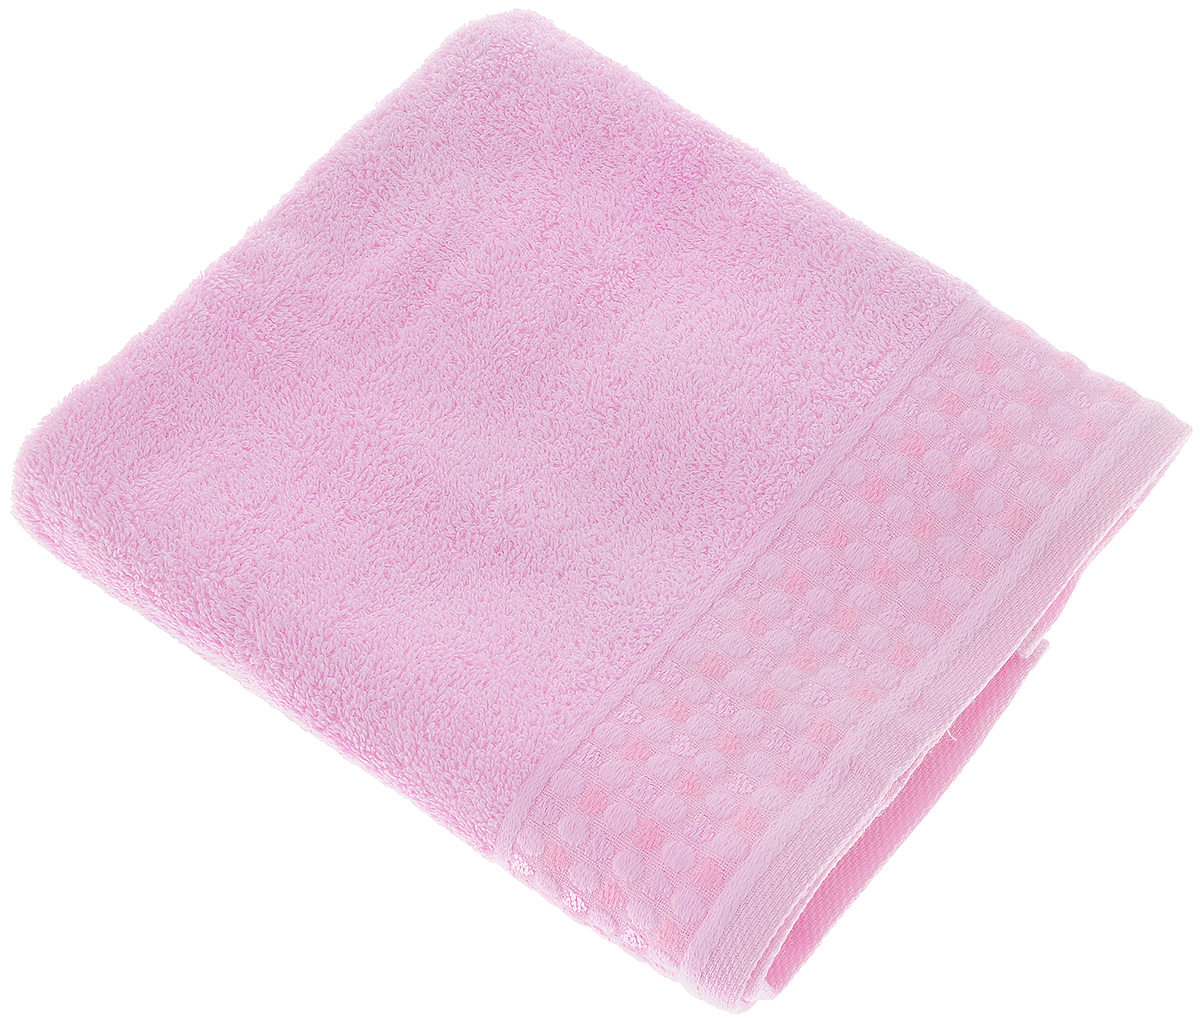 Полотенце Tete-a-Tete Сердечки, цвет: розовый, 50 х 90 см98299571Полотенце Tete-a-Tete Сердечки выполнено из 100% хлопка. Изделие отлично впитывает влагу, быстро сохнет, сохраняет яркость цвета и не теряет форму даже после многократных стирок. Такое полотенце очень практично и неприхотливо в уходе. Оно создаст прекрасное настроение и украсит интерьер в ванной комнате. Полотенце упаковано в красивую коробку и может послужит отличной идеей для подарка.